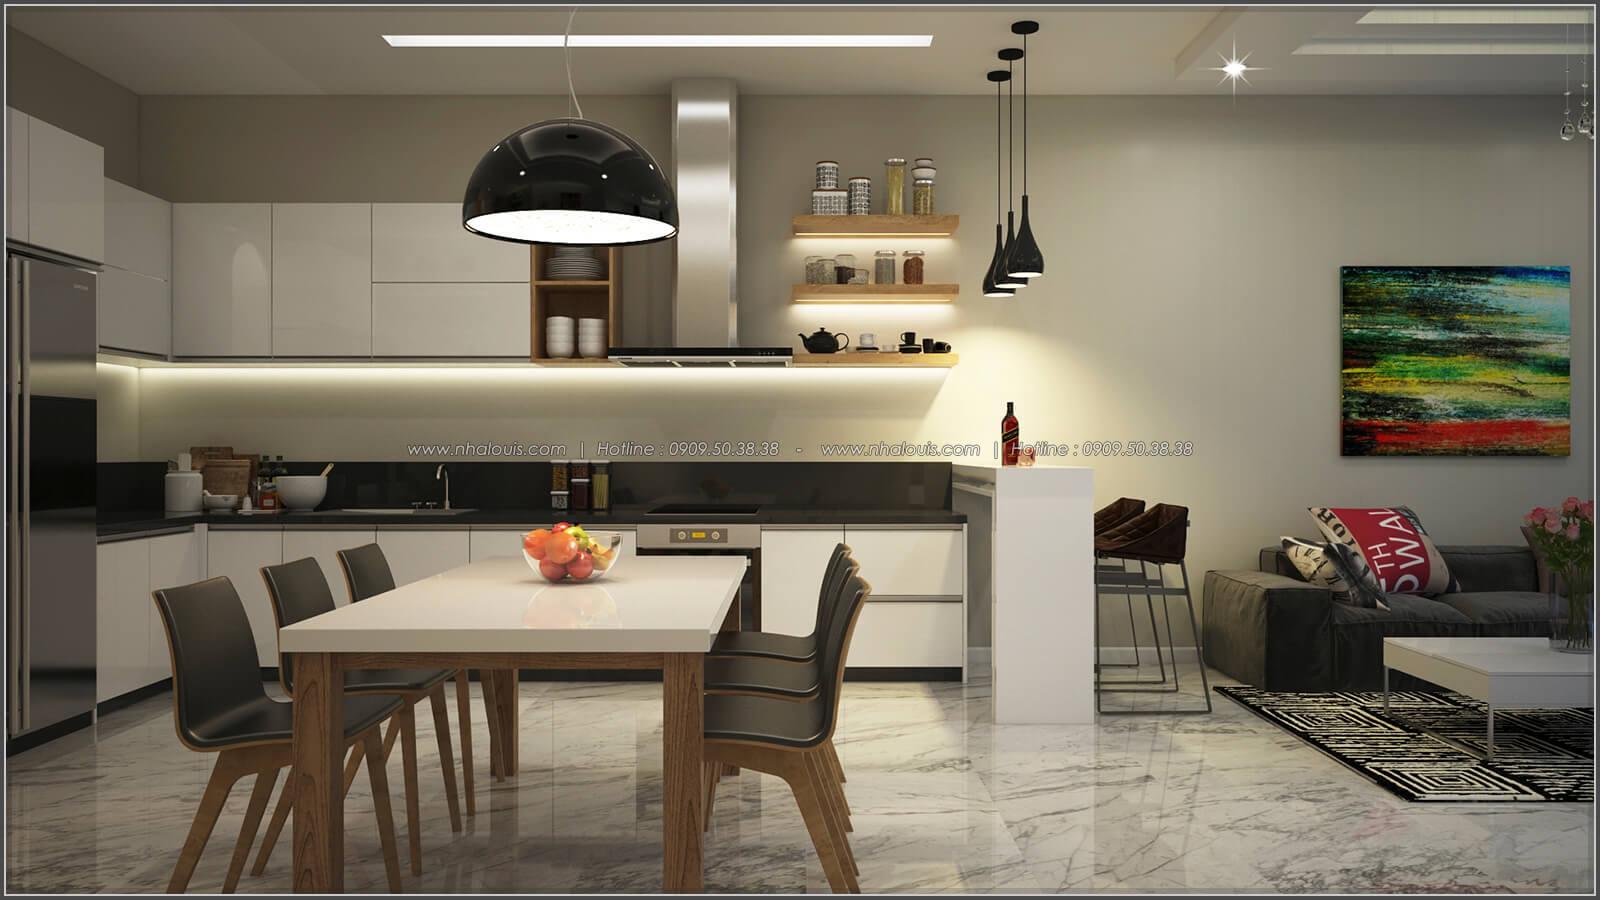 Kinh nghiệm thiết kế nhà cho thuê văn phòng mà chủ đầu tư nên biết